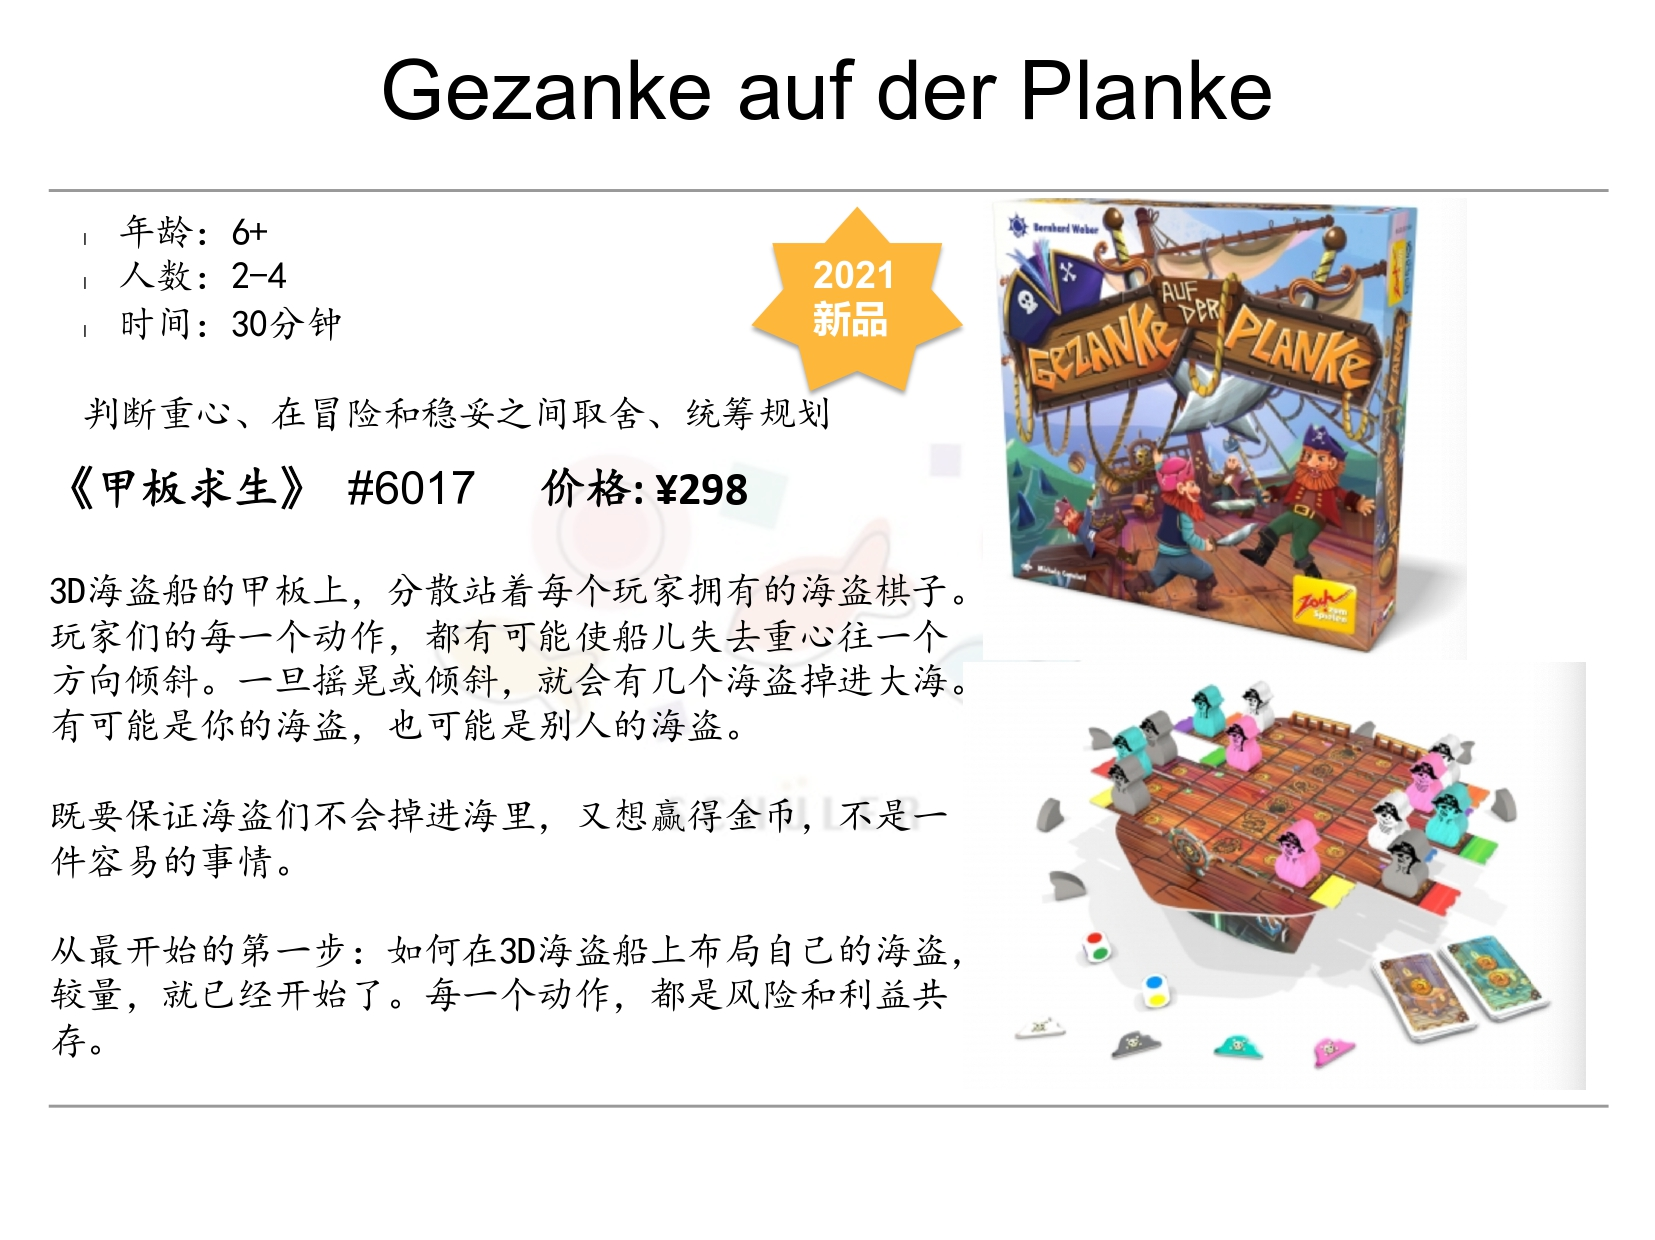 Gezanke auf der Planke 甲板求生